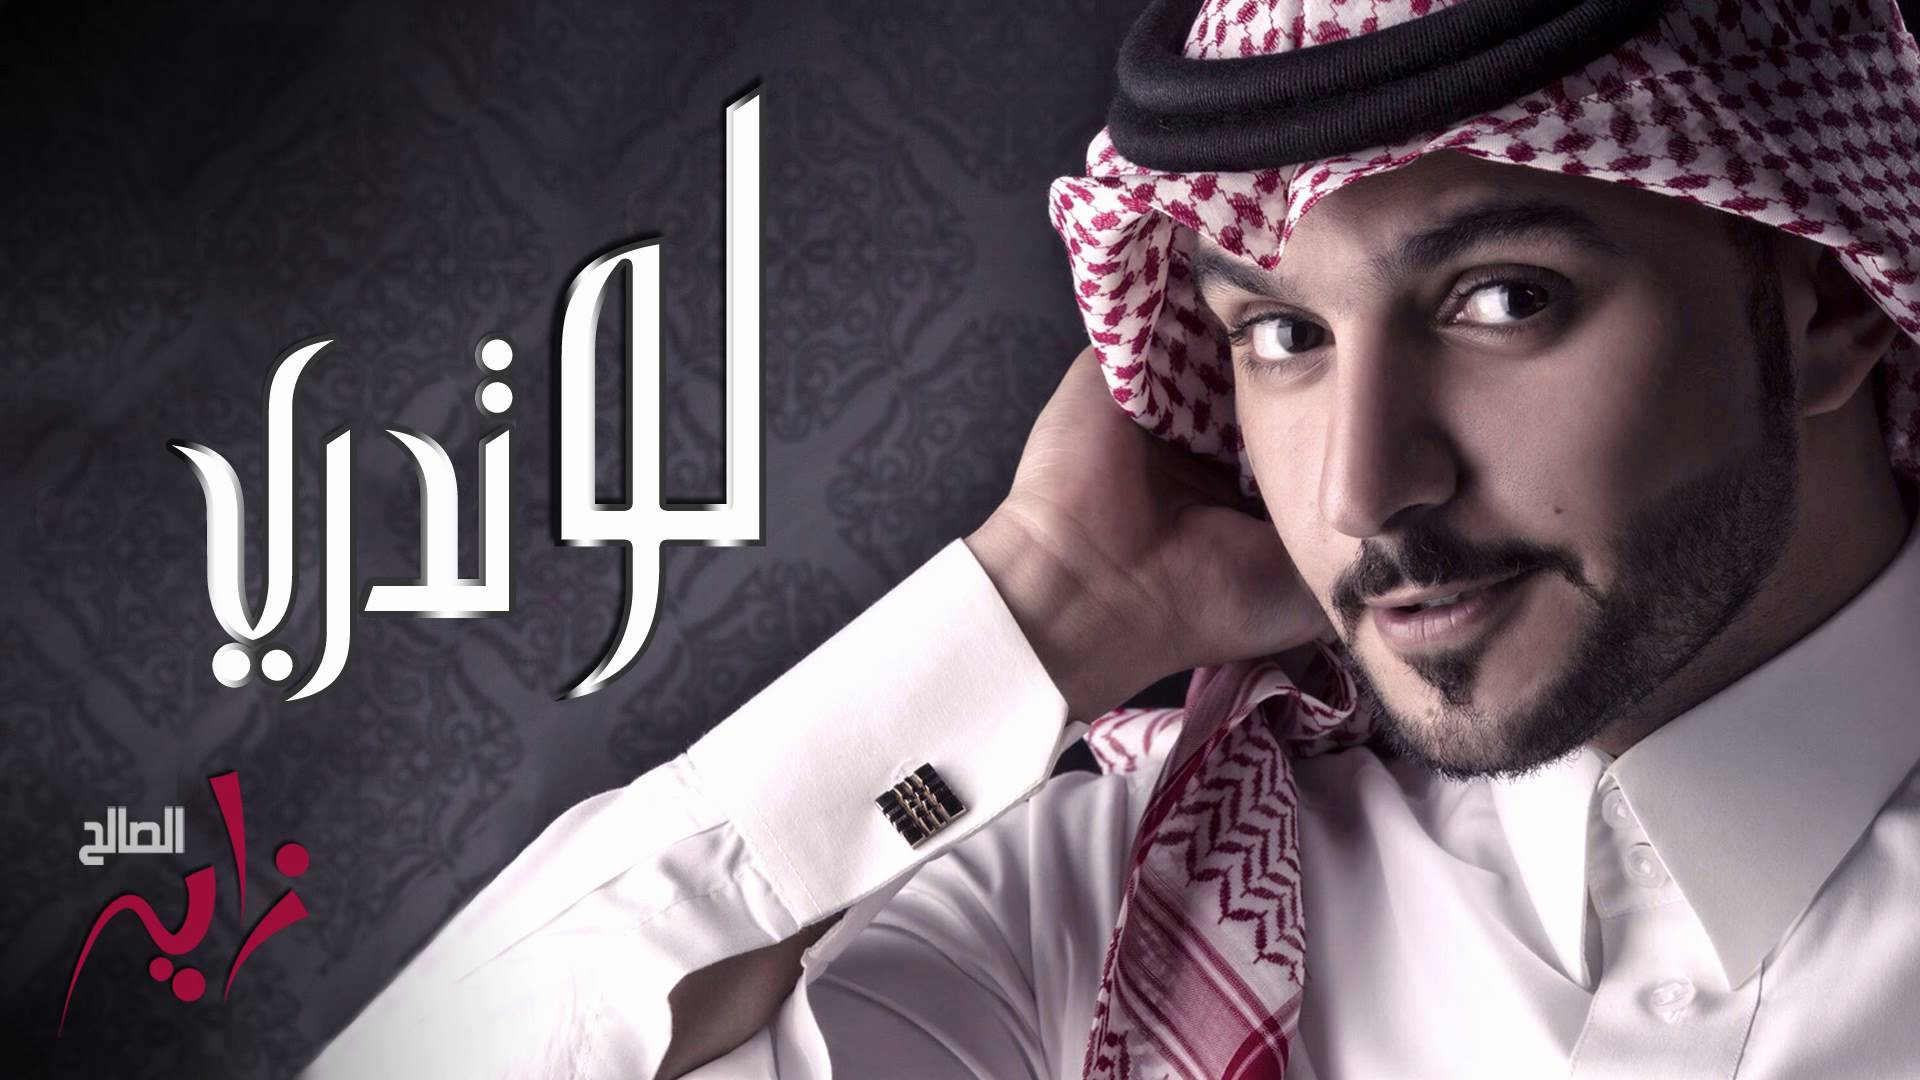 يوتيوب تحميل اغنية لو تدري زايد الصالح 2015 Mp3